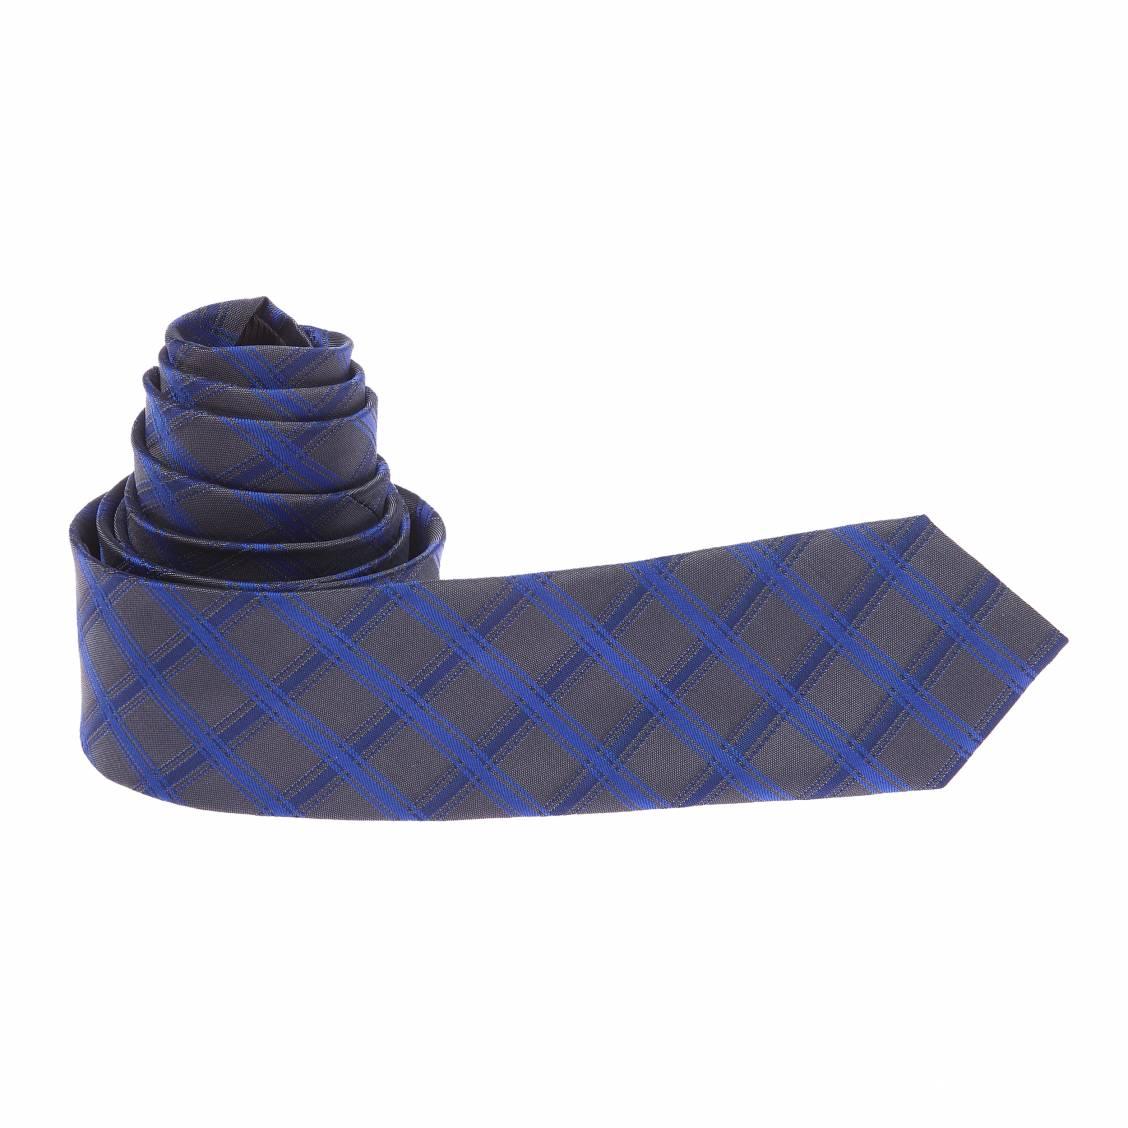 Cravate grise et bleue à carreaux